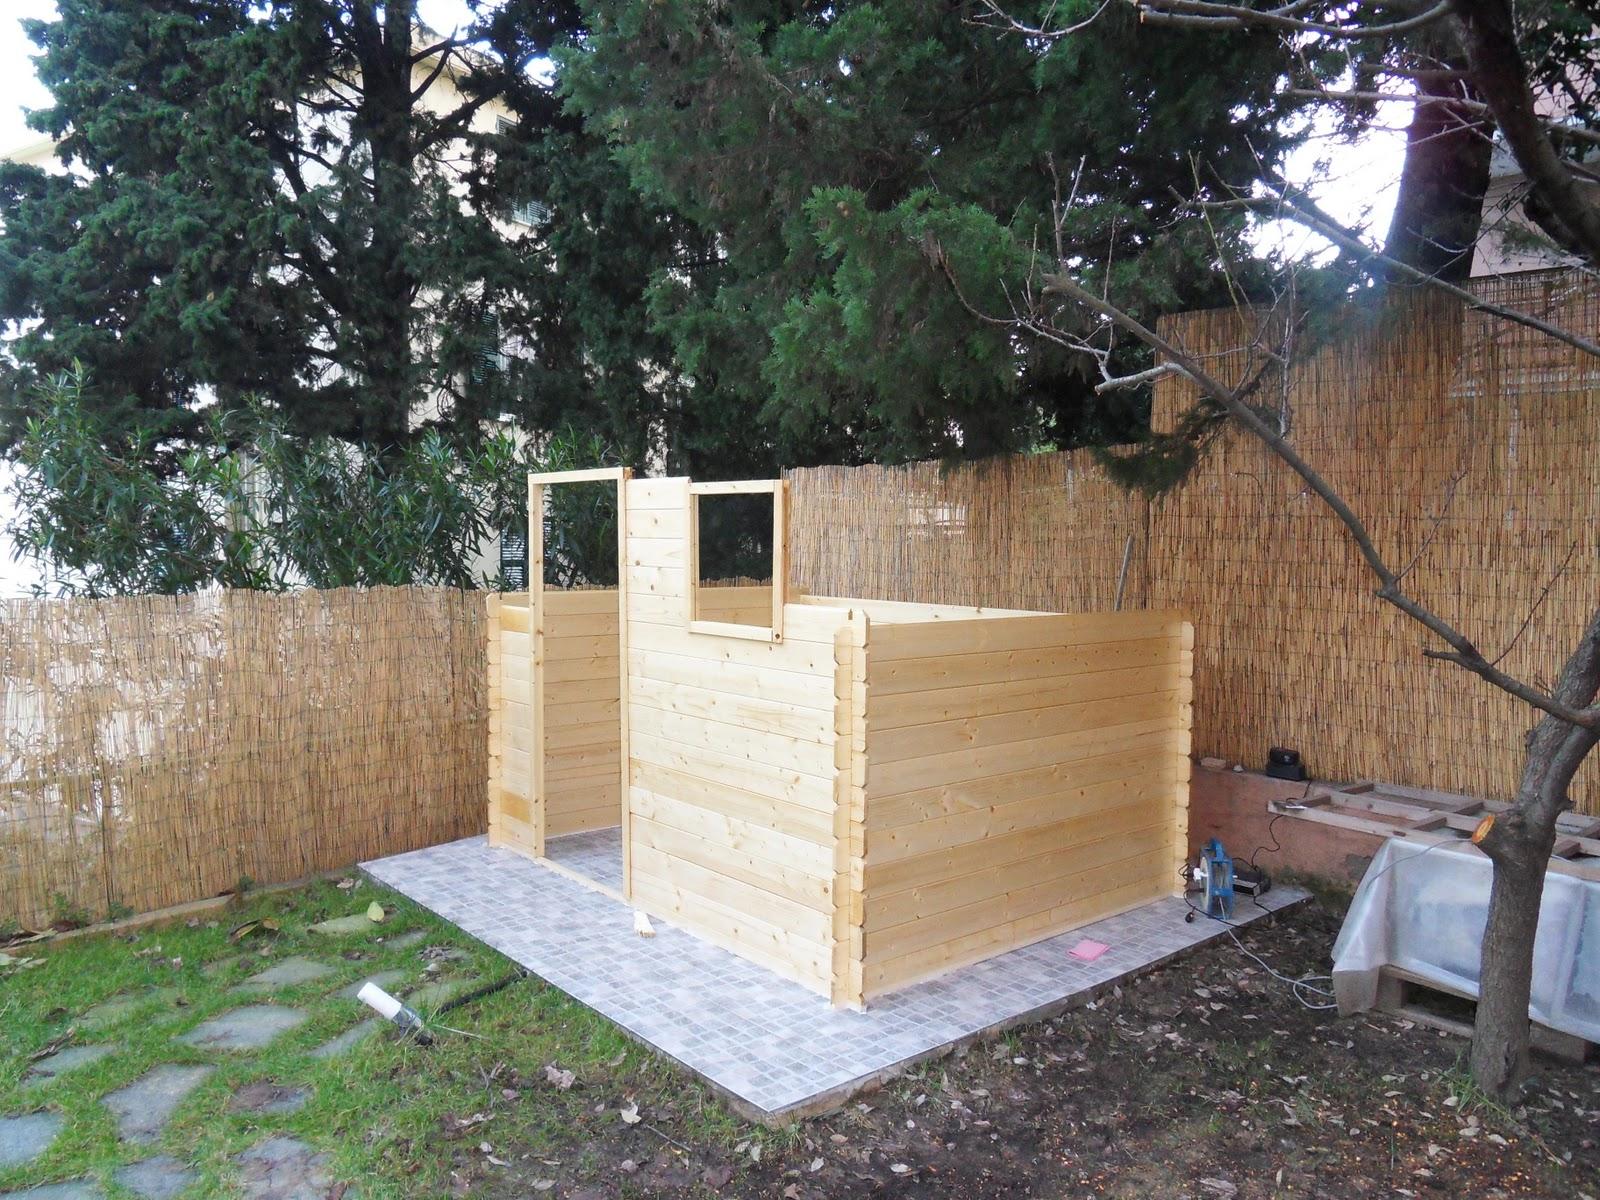 Cancello Di Legno Usato : Beole per giardino e cancelli di legno per giardino u mekan